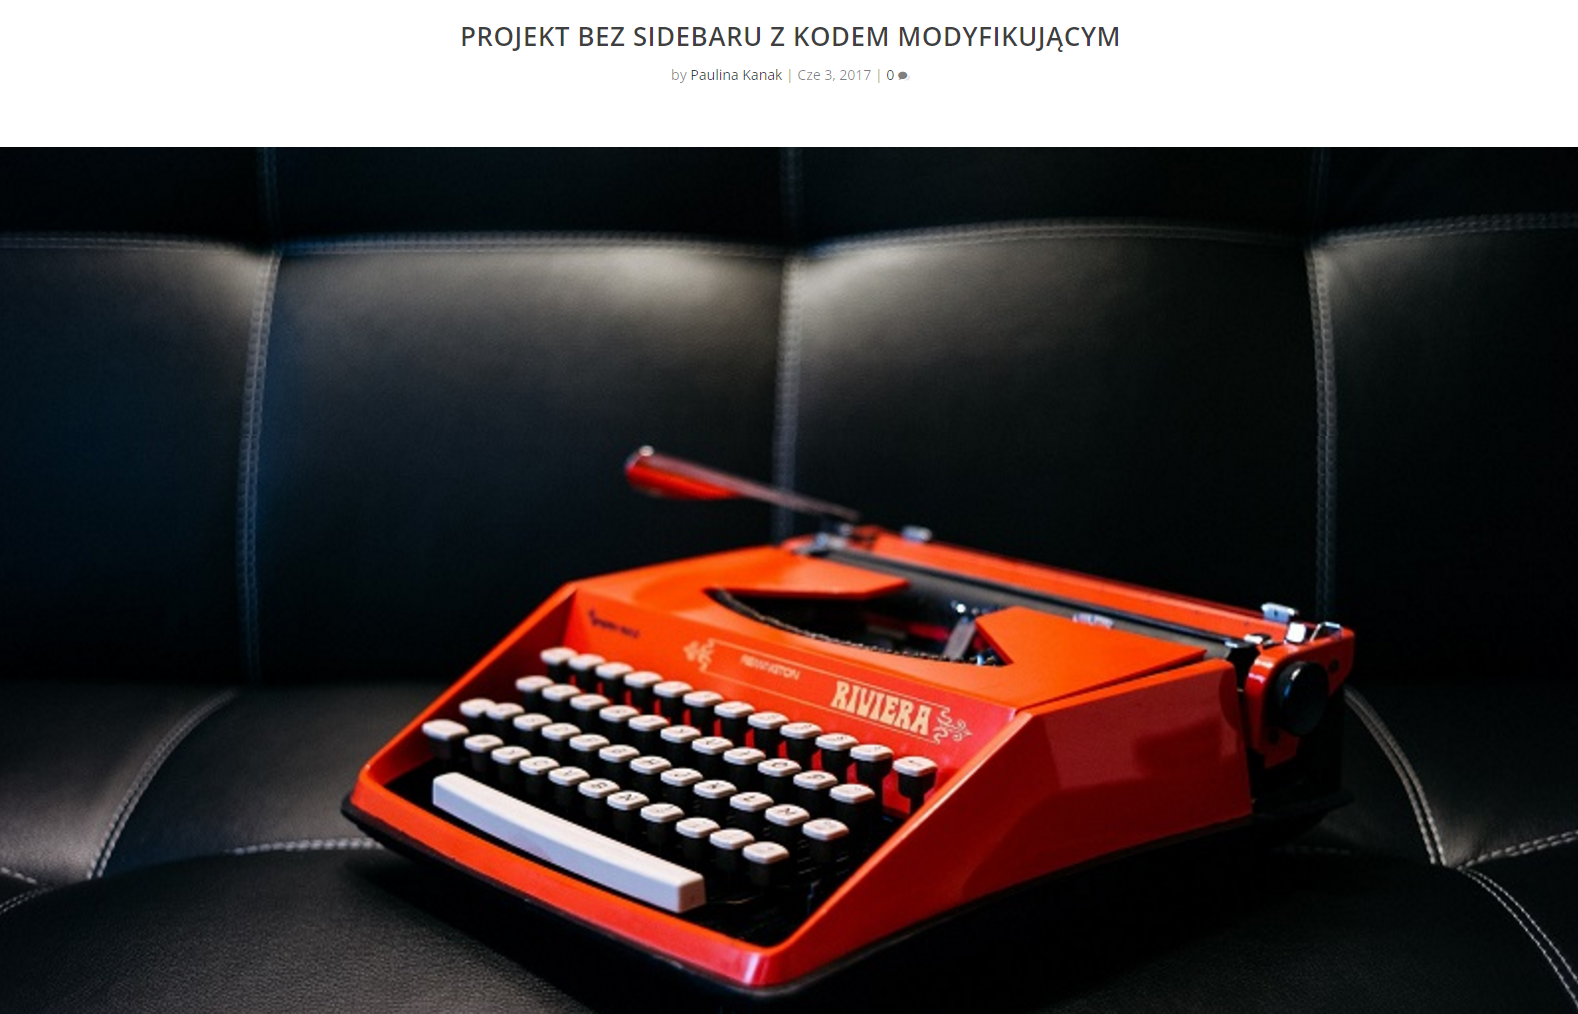 projekt-pełnej-szerości-bez-sidebaru-z-kodem-modyfikującym